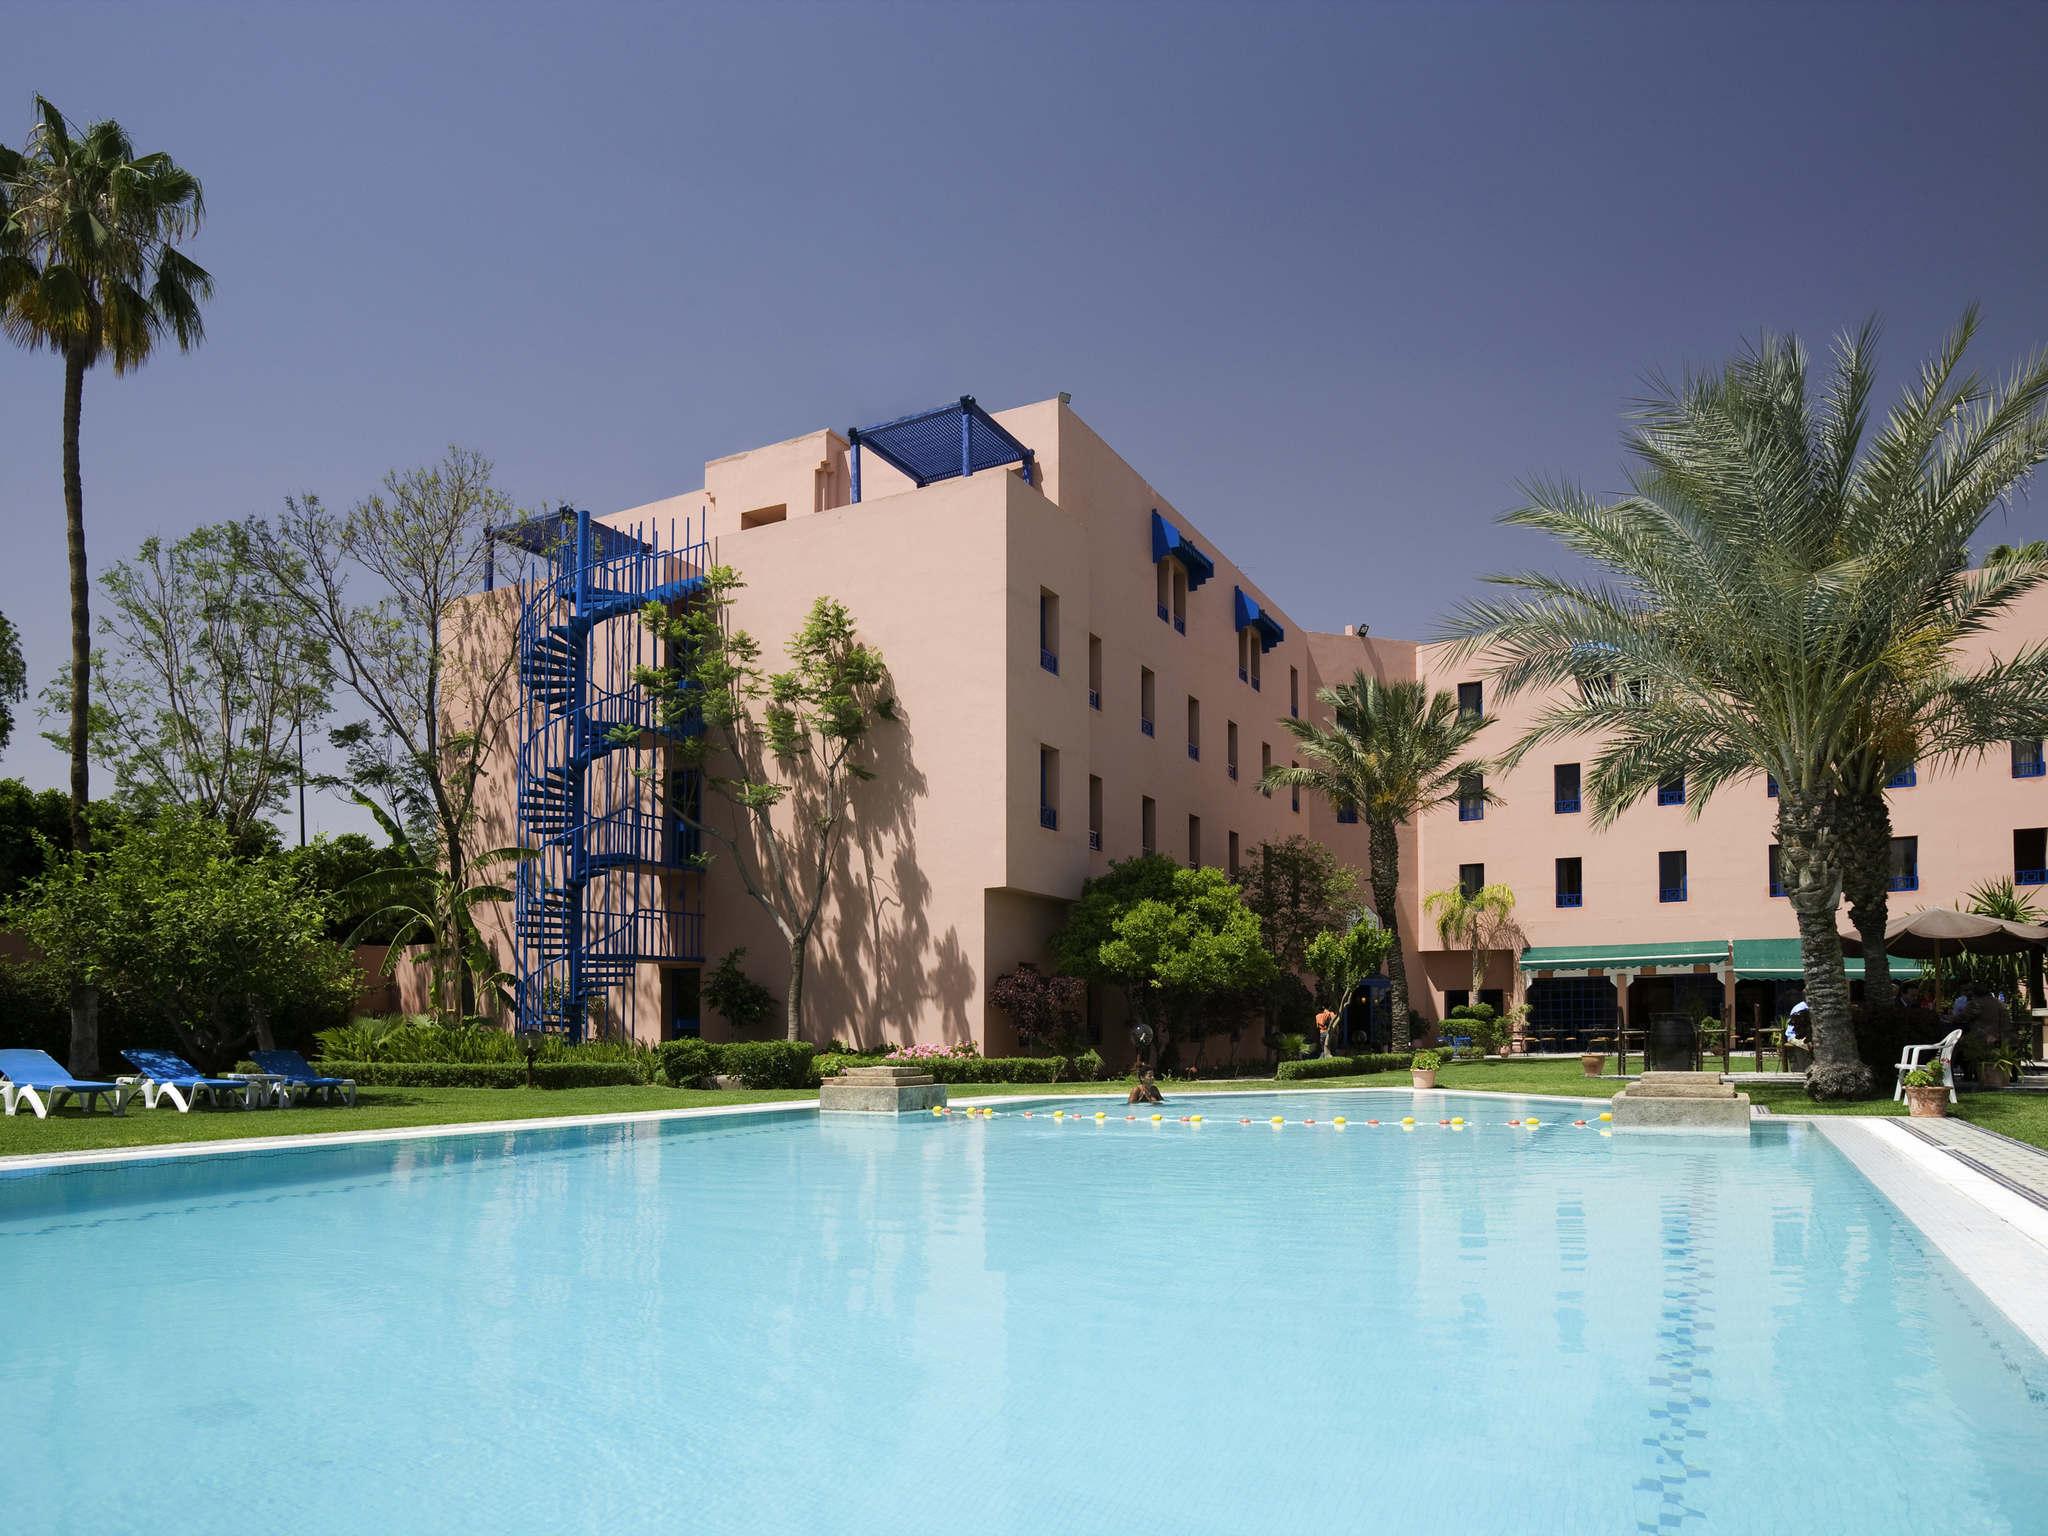 酒店 – 宜必思穆萨菲尔马拉喀什中心火车站酒店